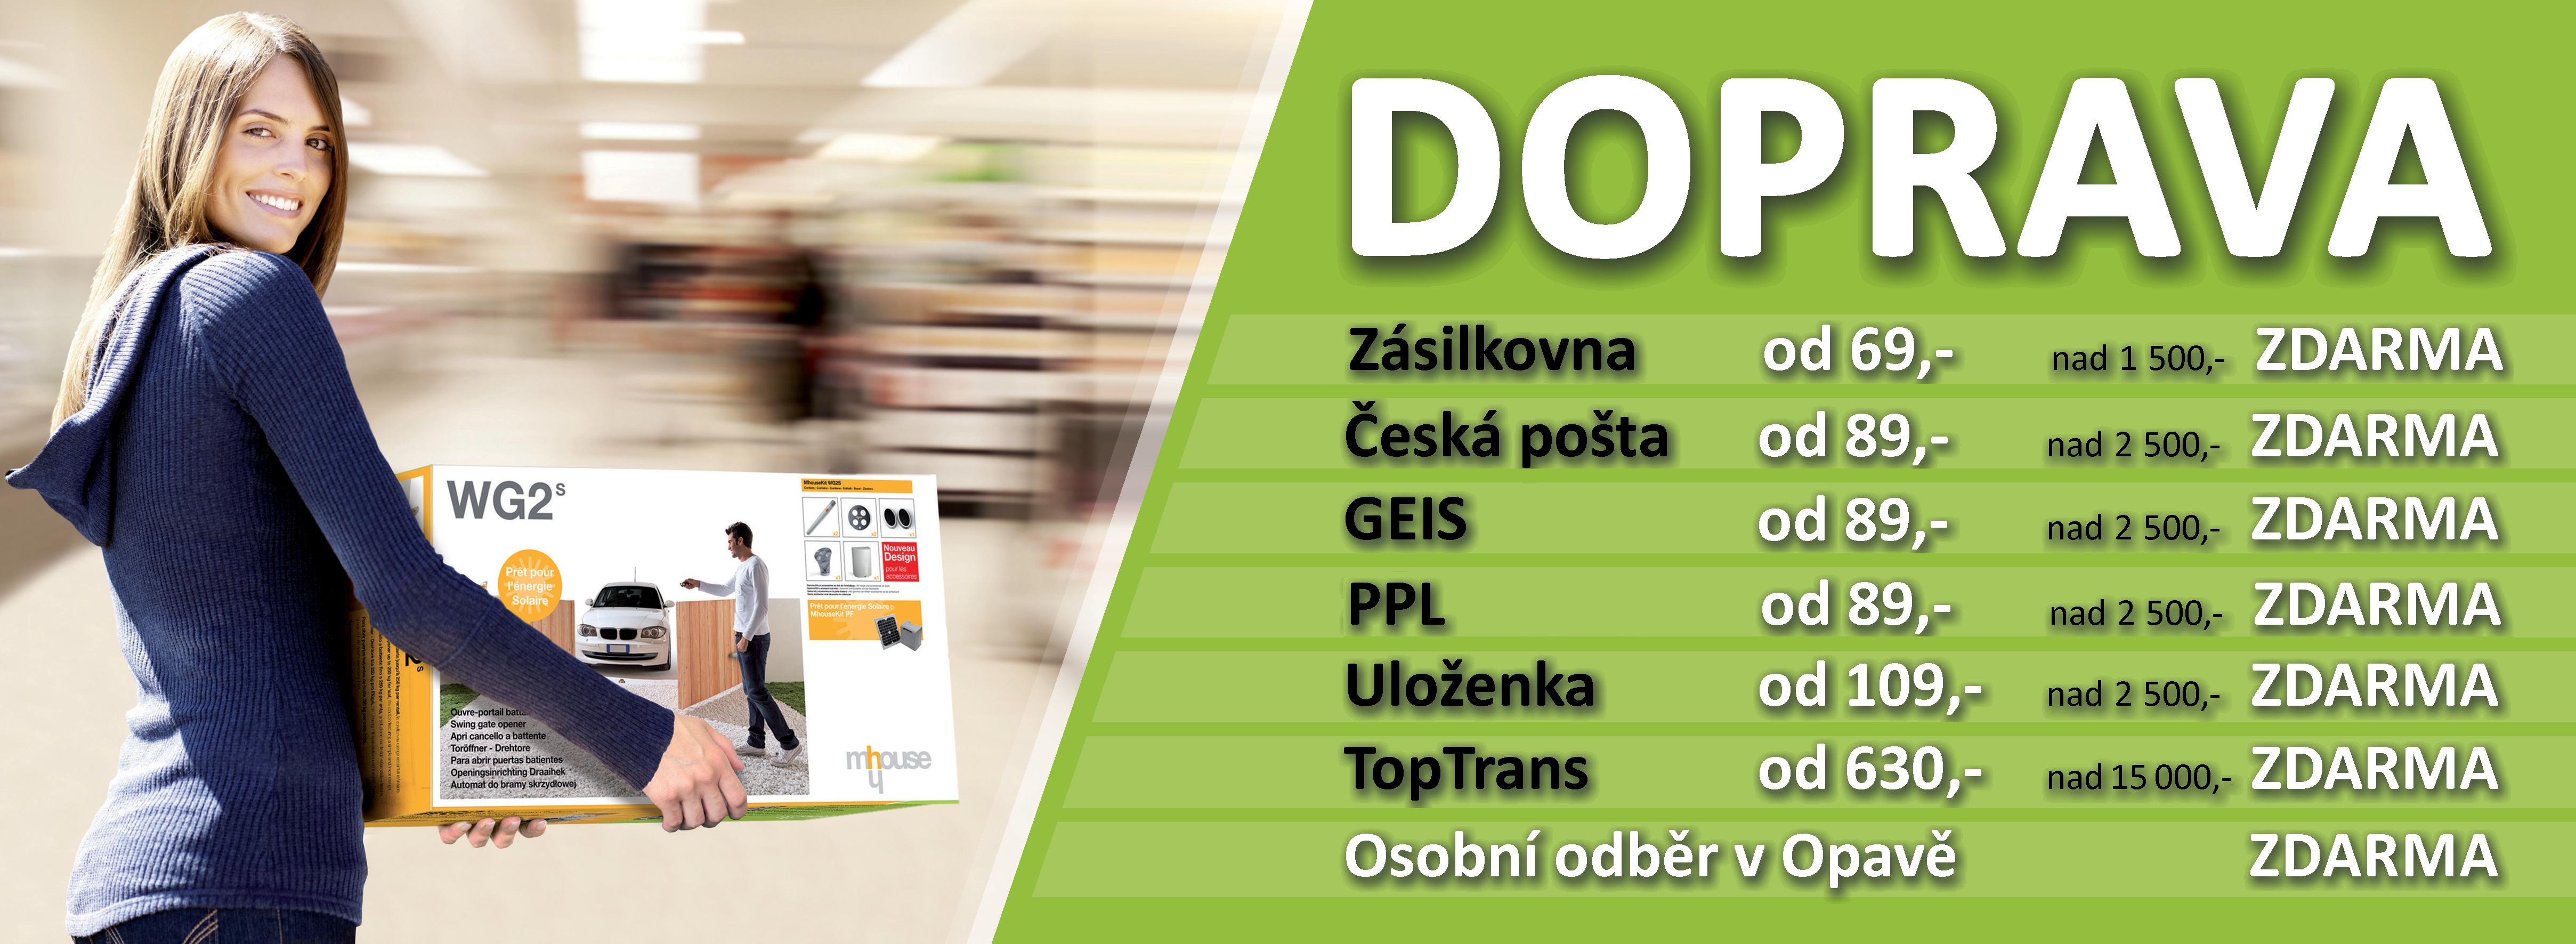 Dopravné Česká republika 1pohony.cz